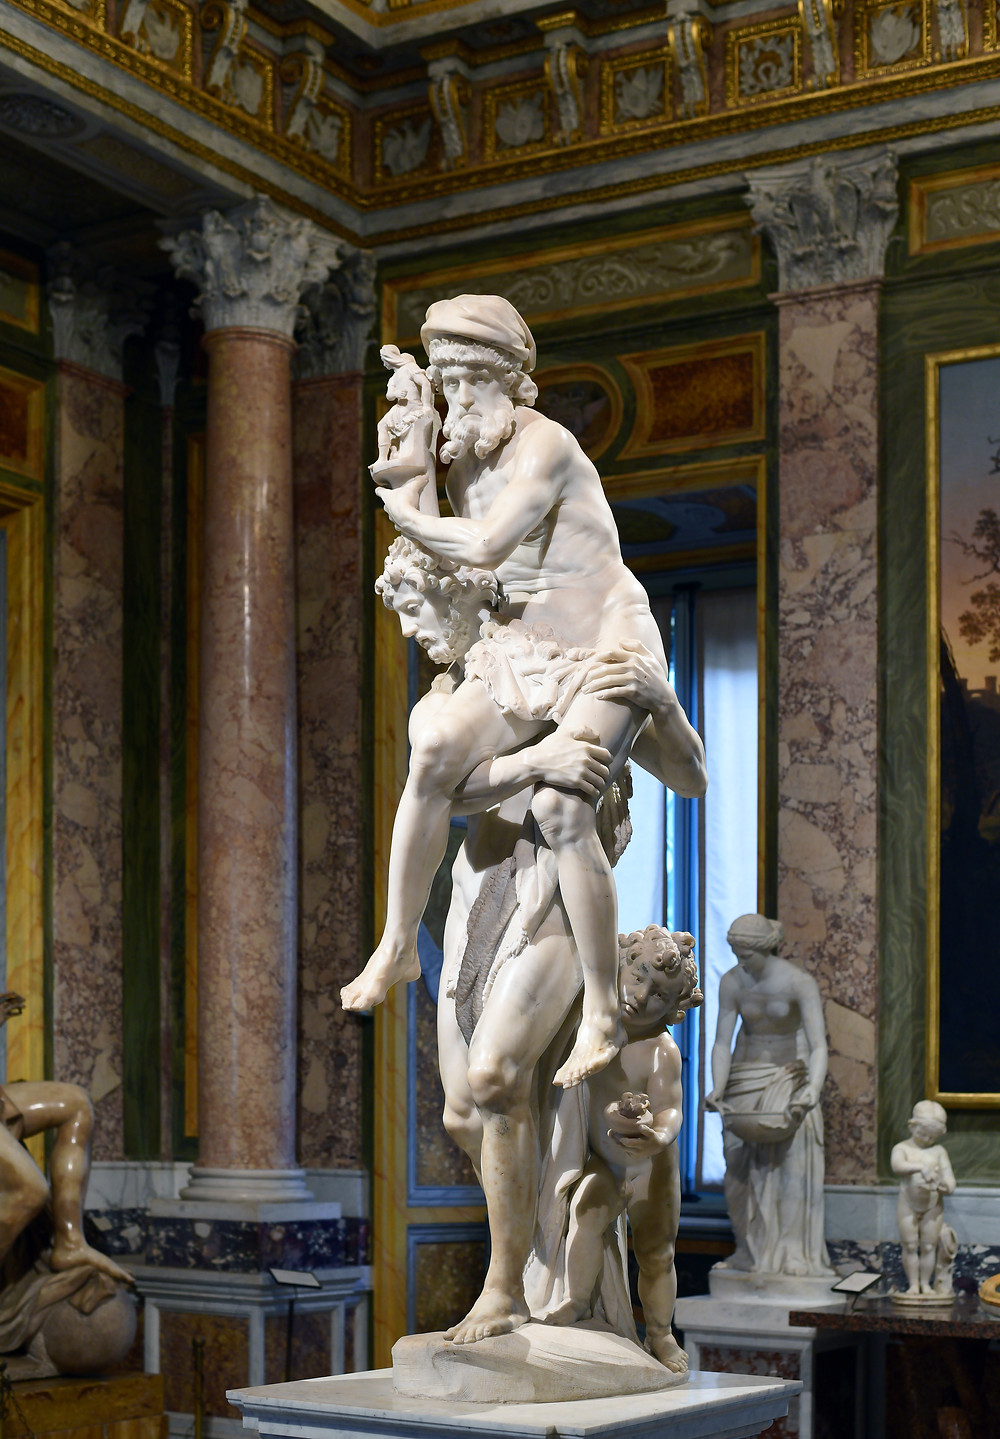 escultura de lorenzo bernini na galleria borghese